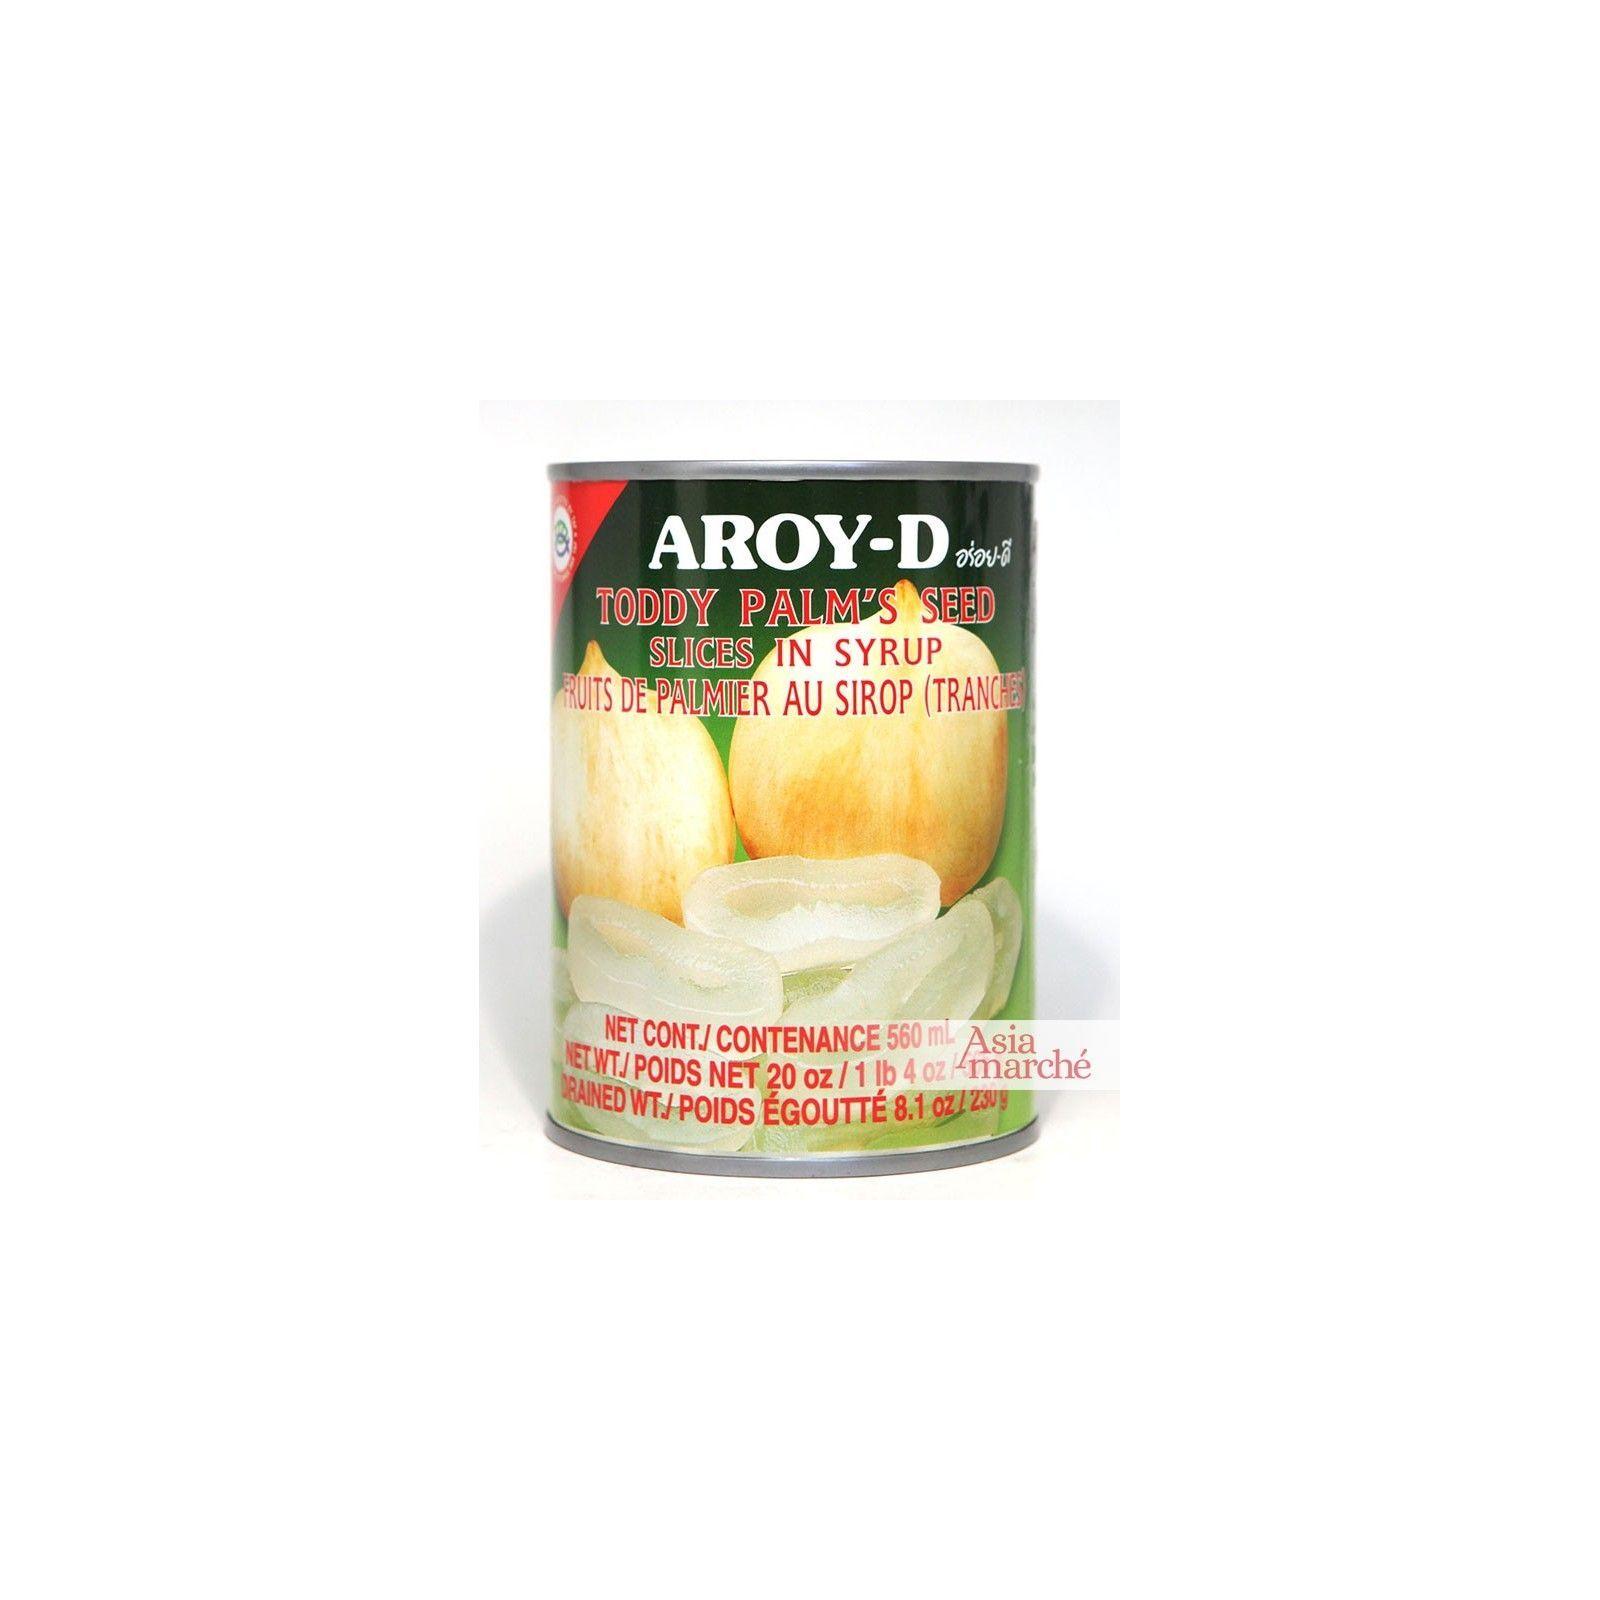 Asia Marché Fruits de Palmier en tranches au sirop 565G Aroy-D